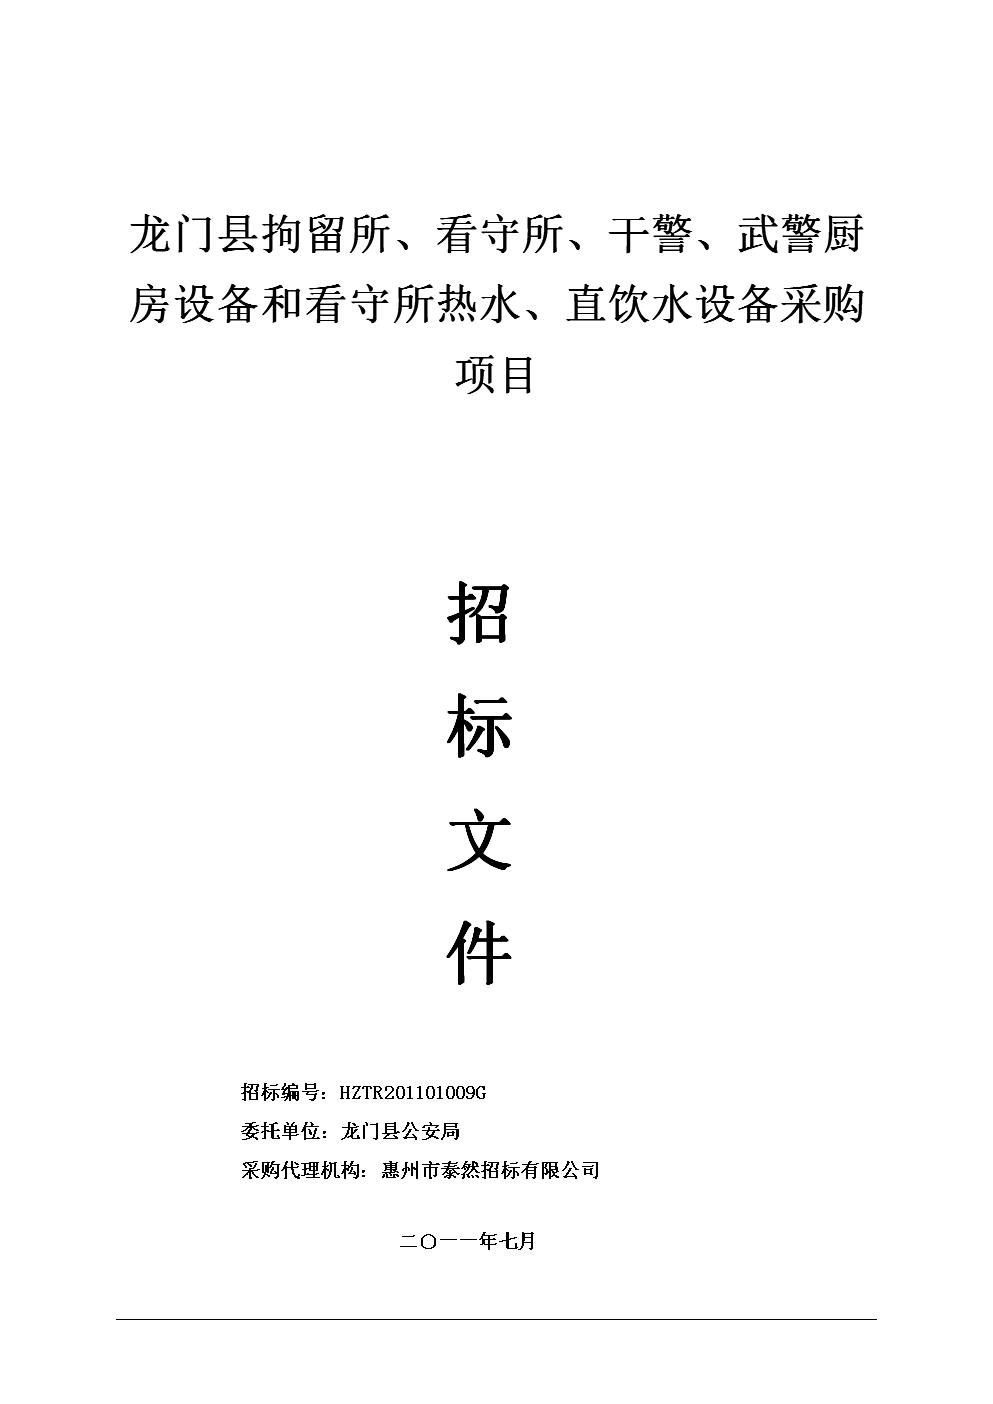 龙门县拘留所、看守所、干警、武警厨房设备与看守所热水、.doc